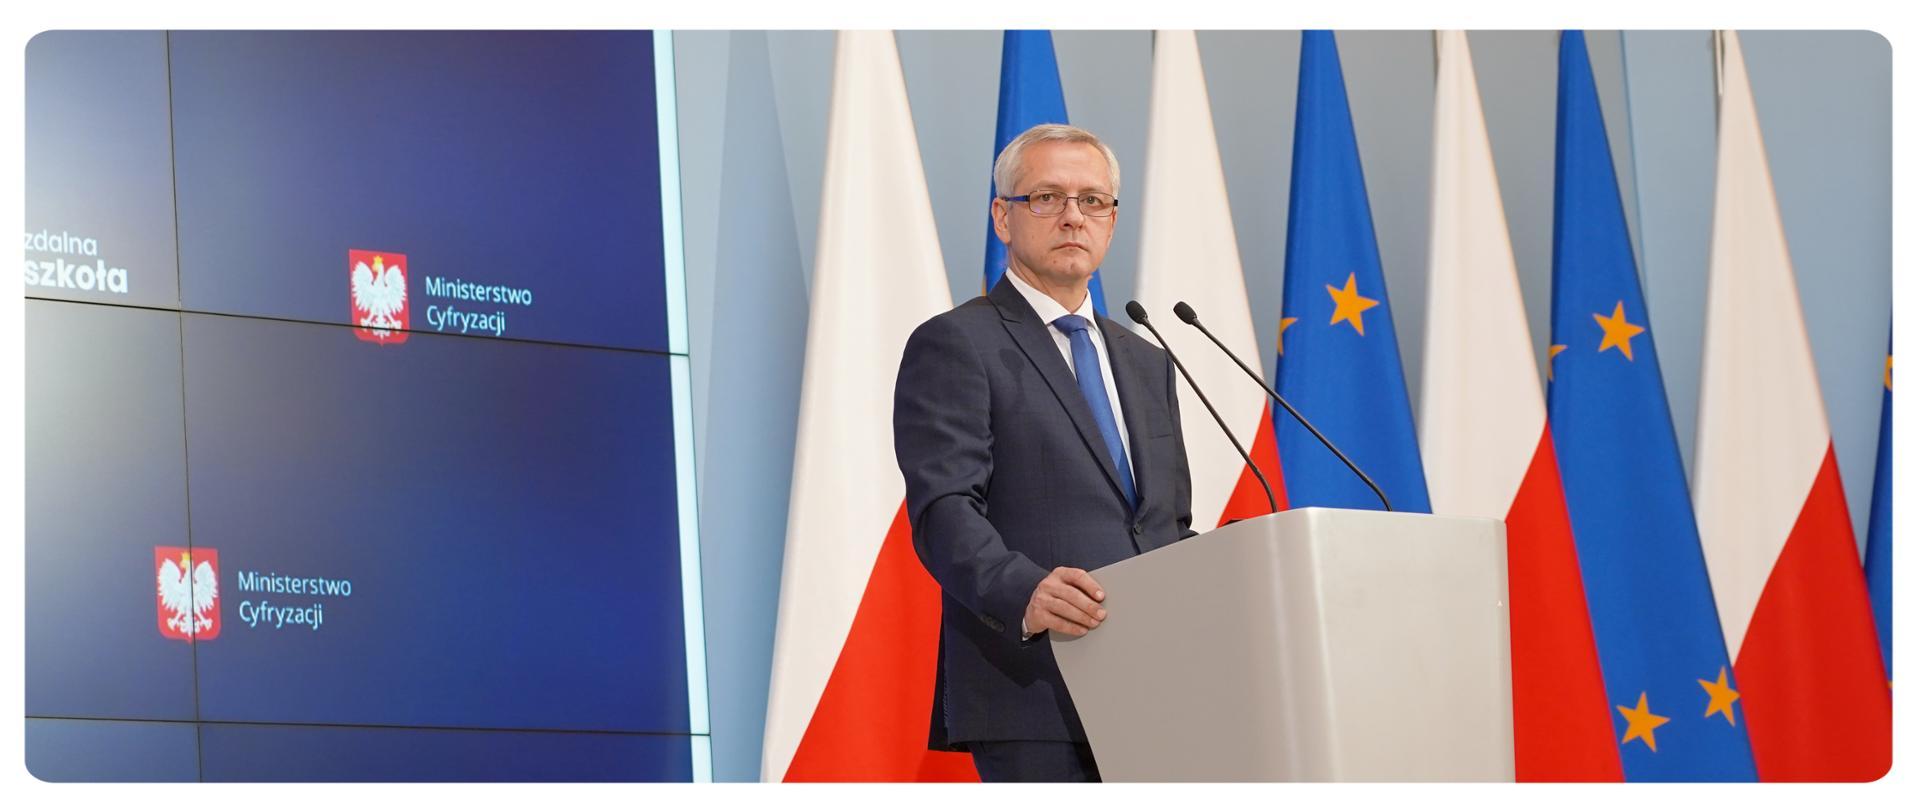 Minister Marek Zagórski przy mównicy, patrzy w prawą stronę. Za nim na ekranie fragment prezentacji - widać dwa logotypy MC na granatowym tle. Po lewej stronie ministra flagi: polskie i unijne